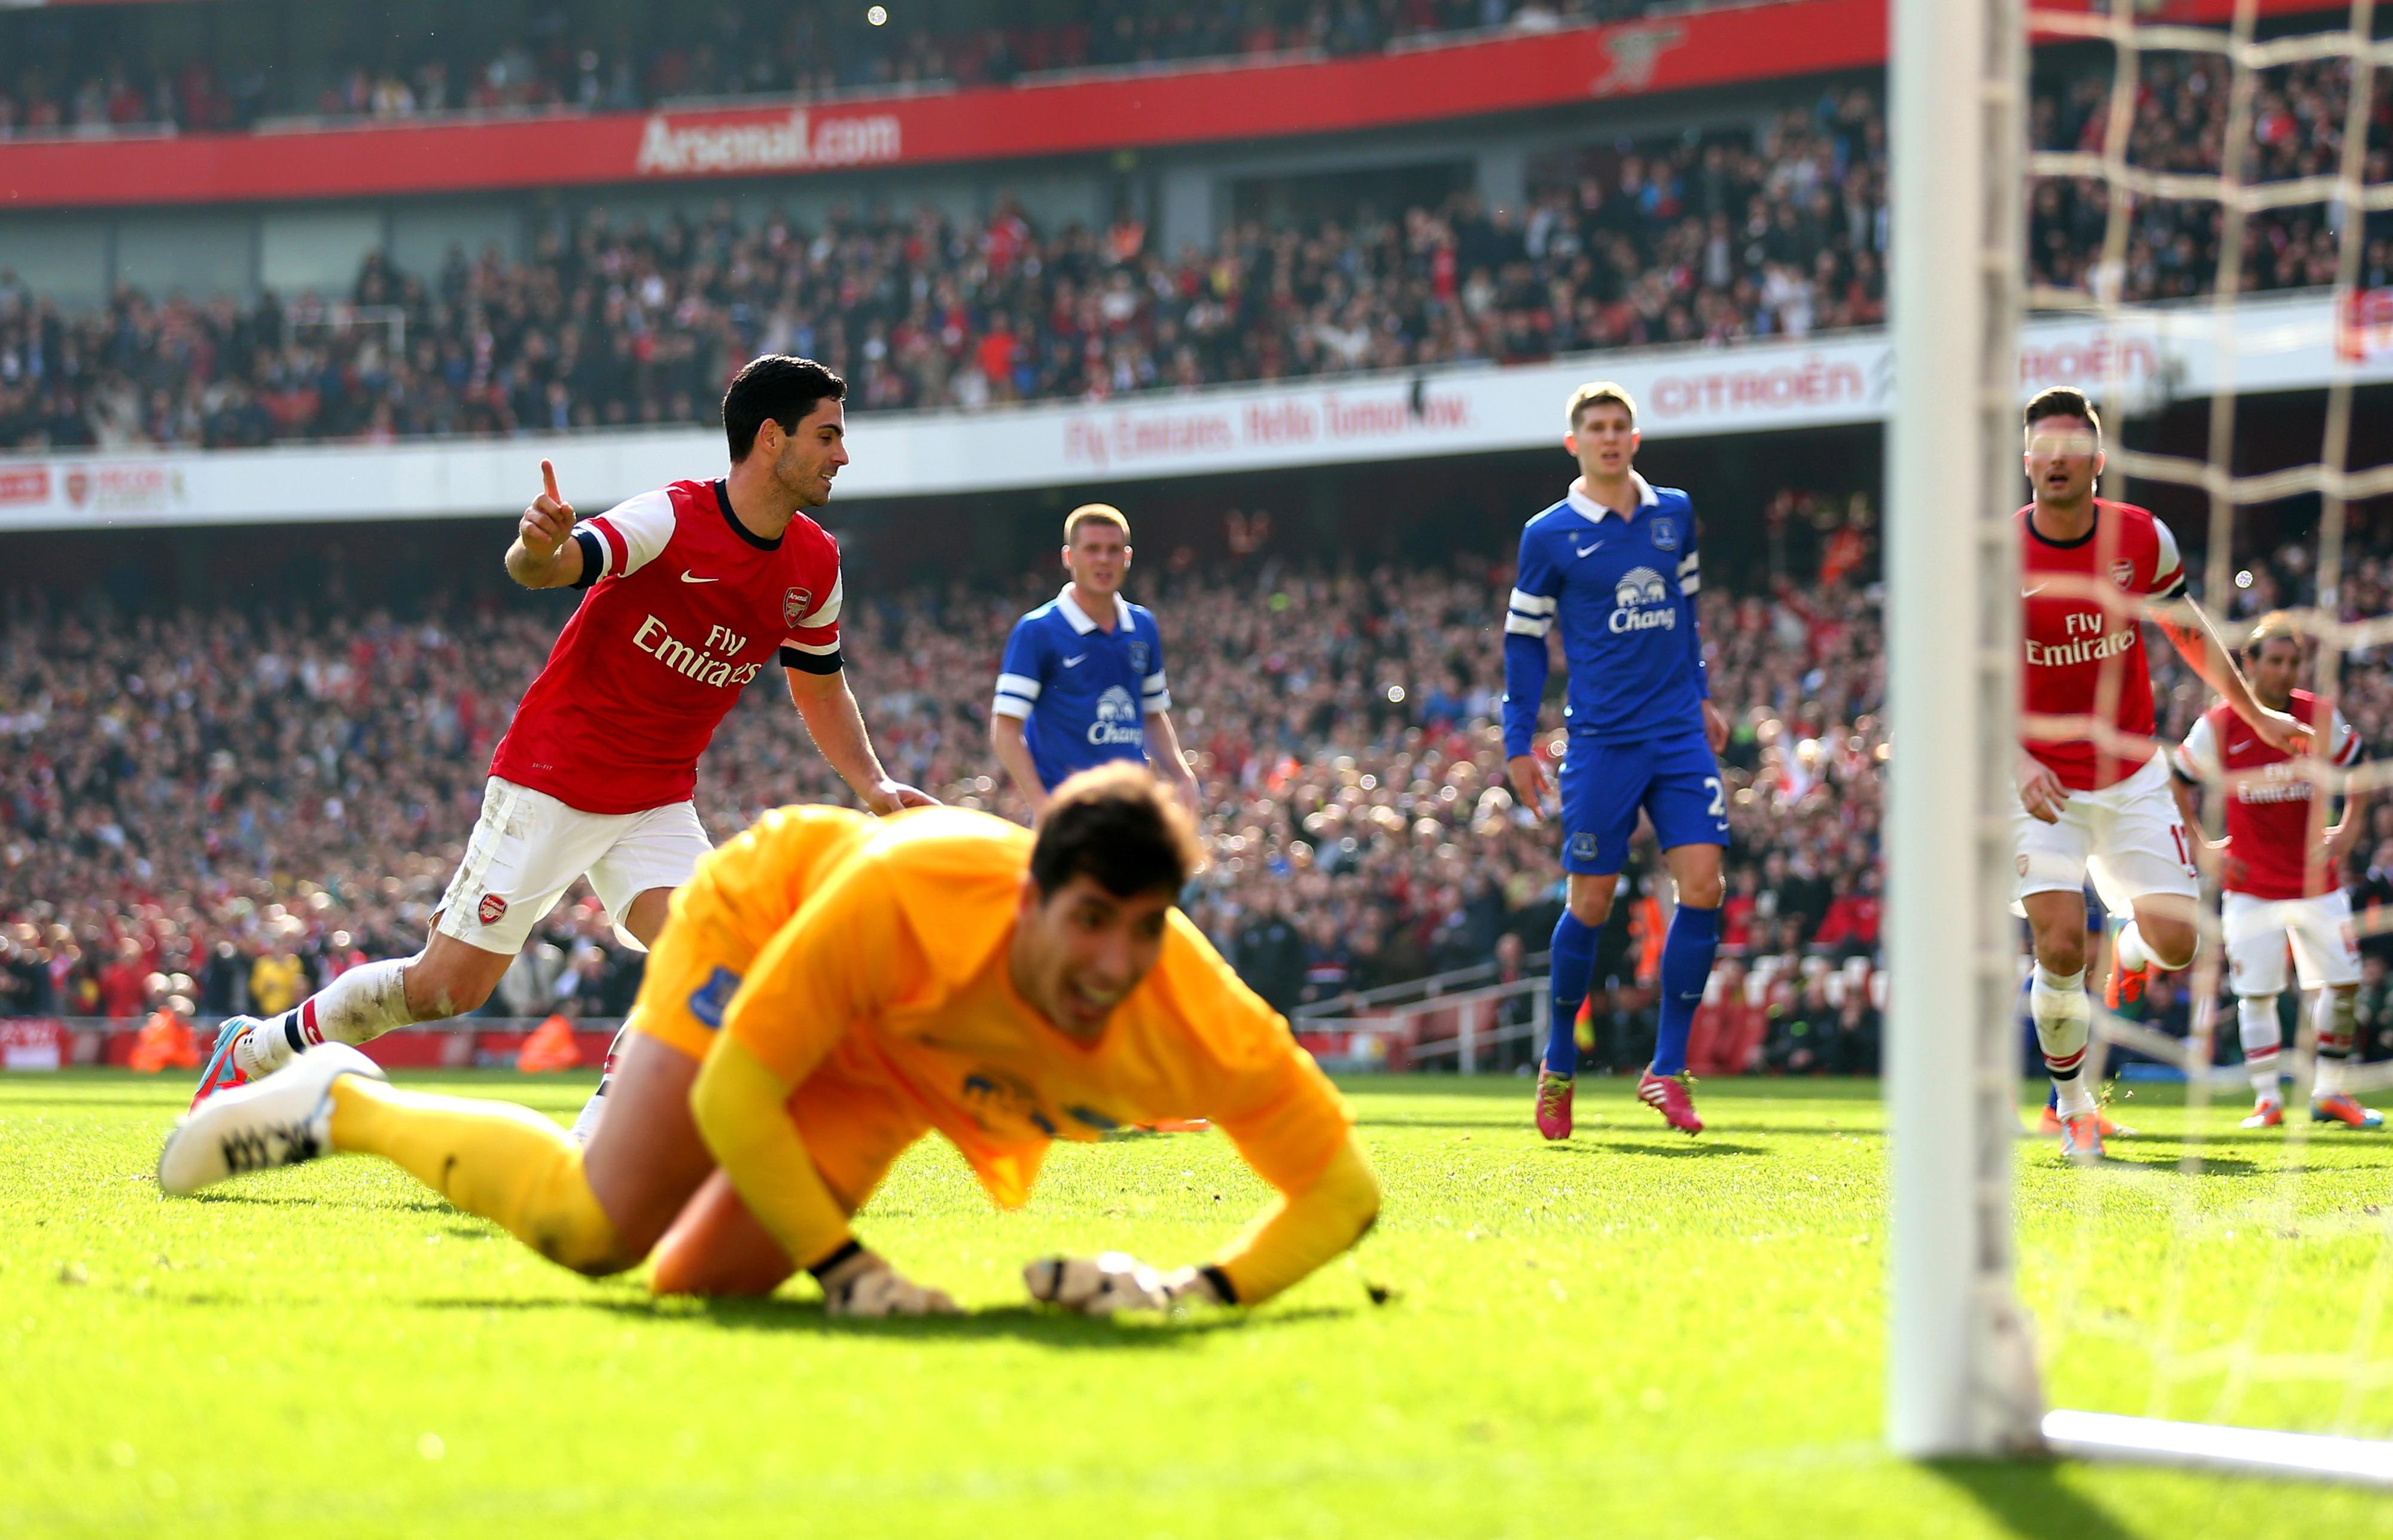 Mikel Arteta ends Everton's FA Cup dreams.